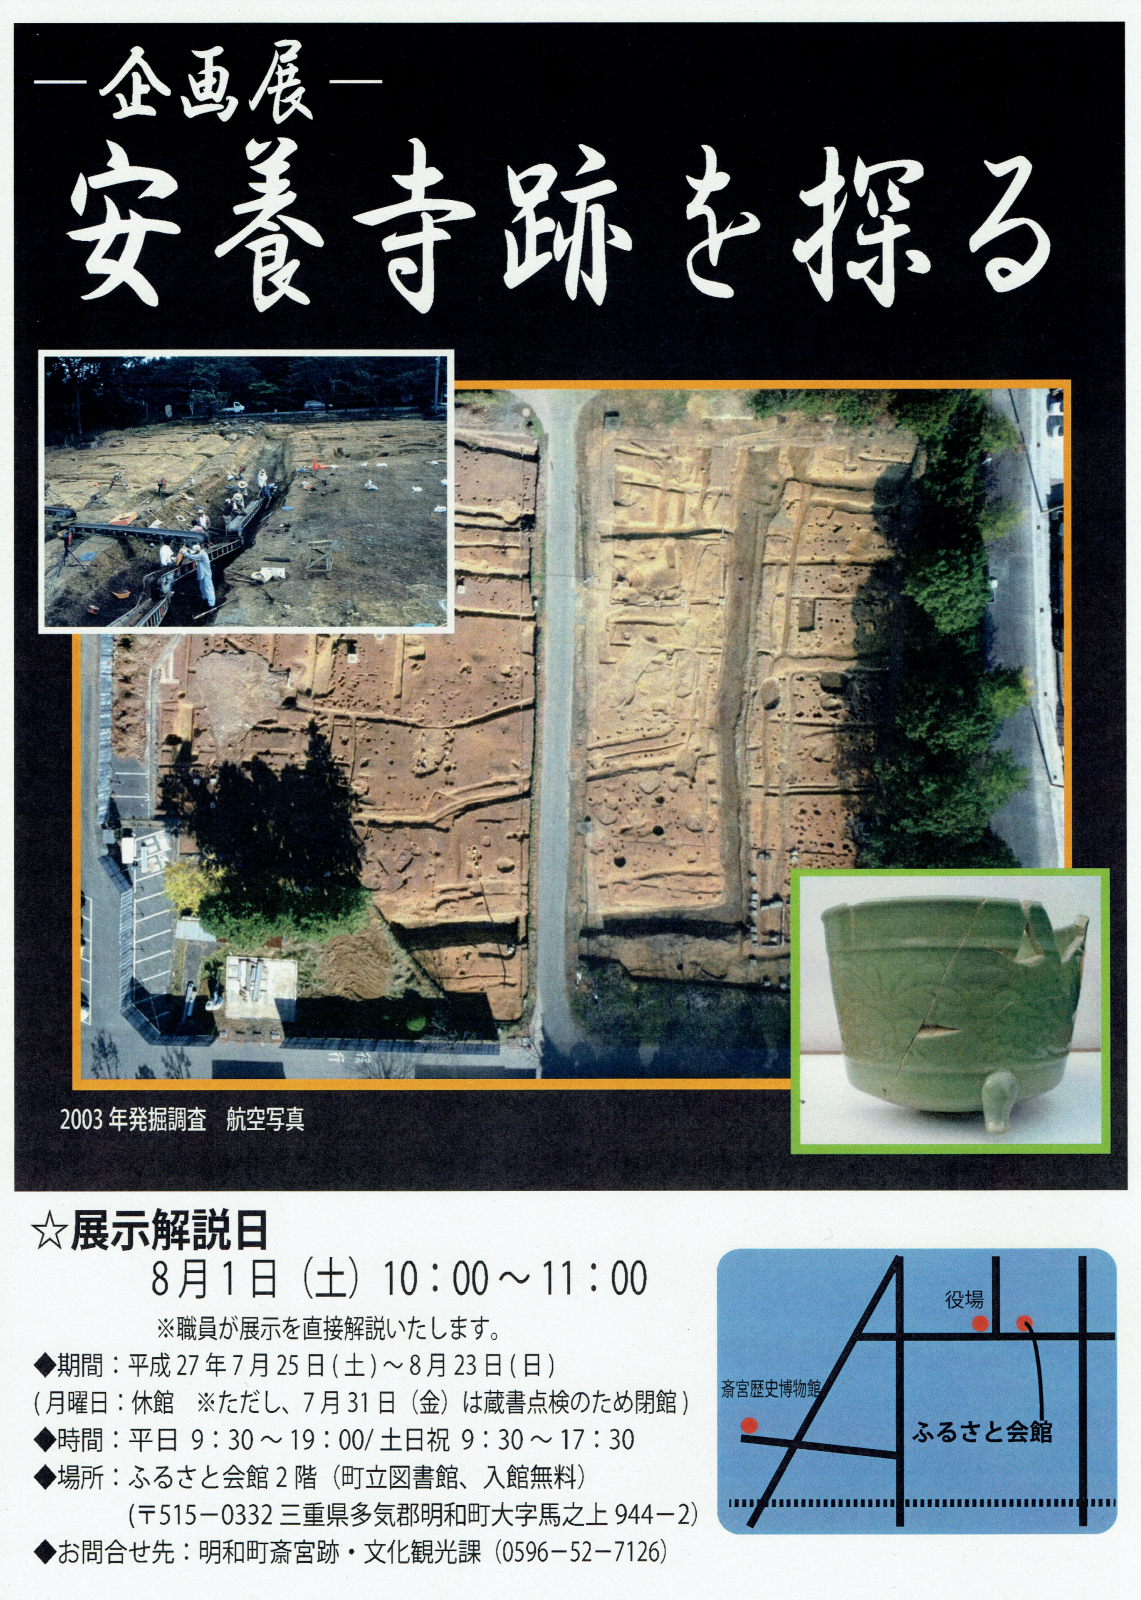 企画展「安養寺を探る」のパンフレット